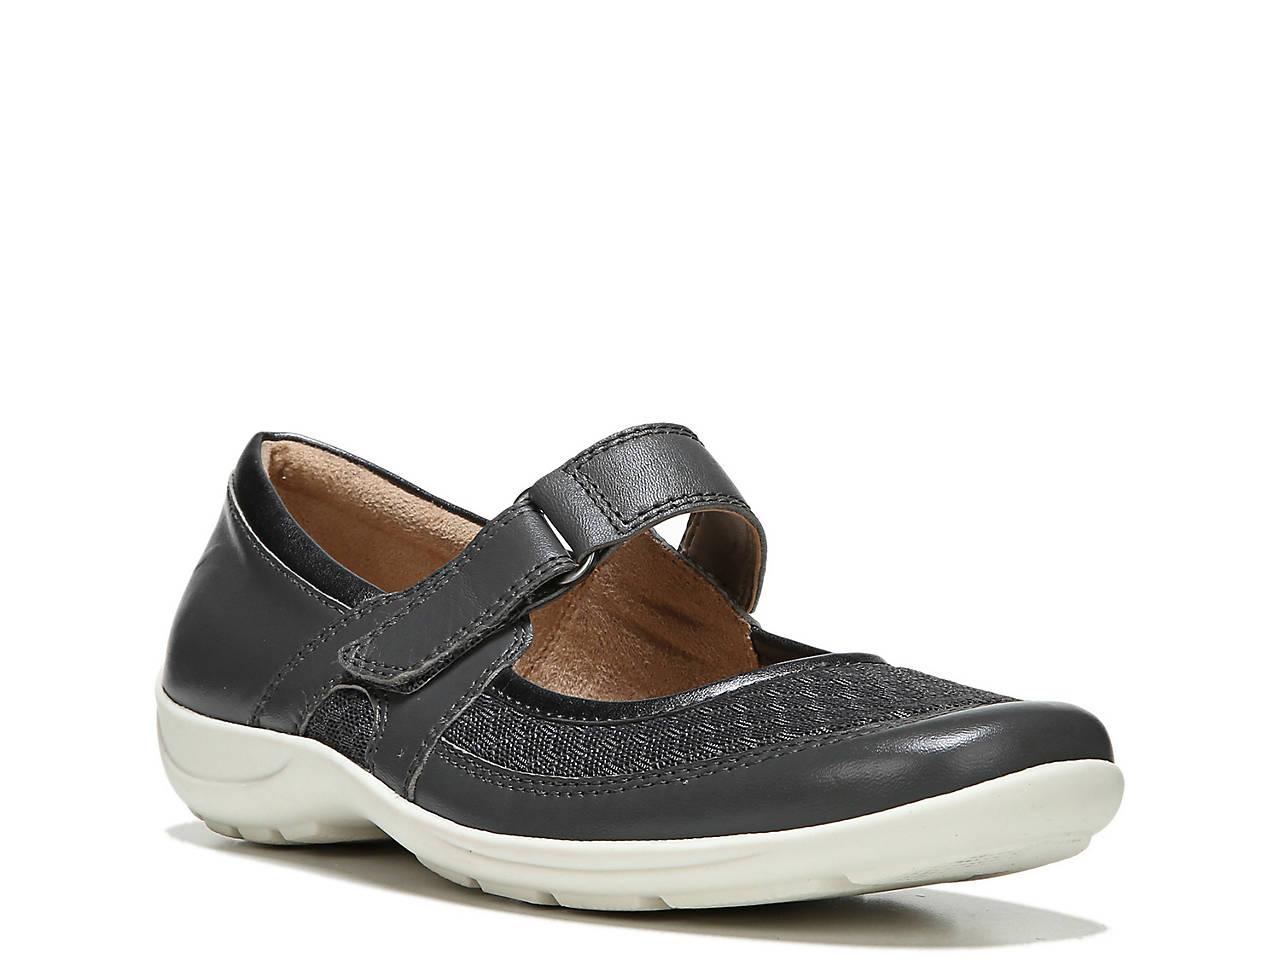 dc3861ca31 Naturalizer Faye Flat Women s Shoes